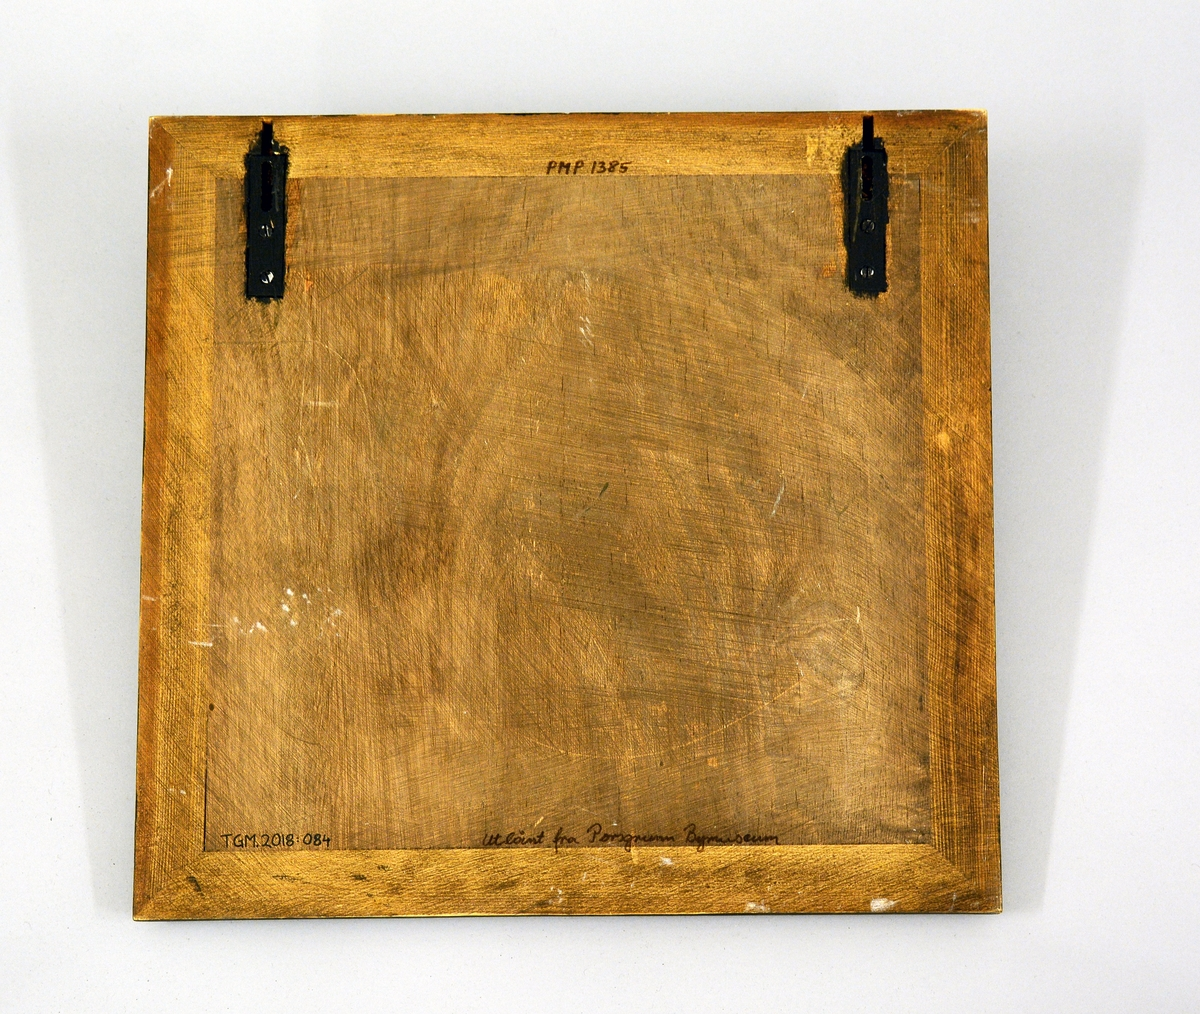 Relieff bestående av fire kvadratiske fliser med moskusmotiv montert på finérplate. I ytterkant av finerplaten er det montert en mørkebrun treramme. Kunstner: Konrad Galaaen.